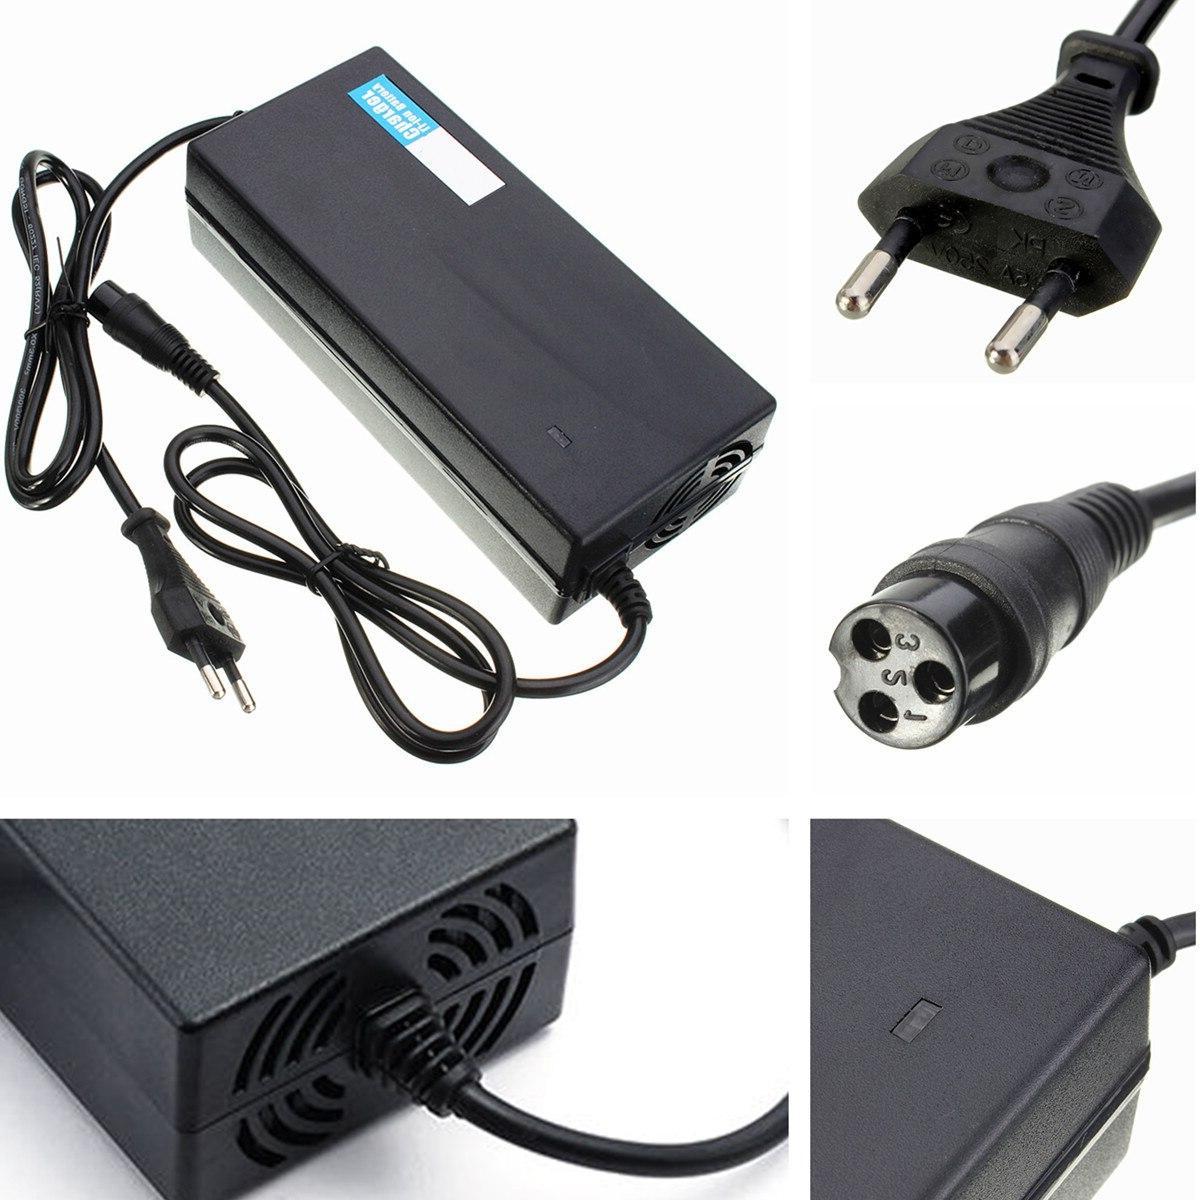 CLAITE 67.2V2A 67.2V Li-ion <font><b>Electric</b></font> Smart <font><b>Battery</b></font> <font><b>Charger</b></font> Power